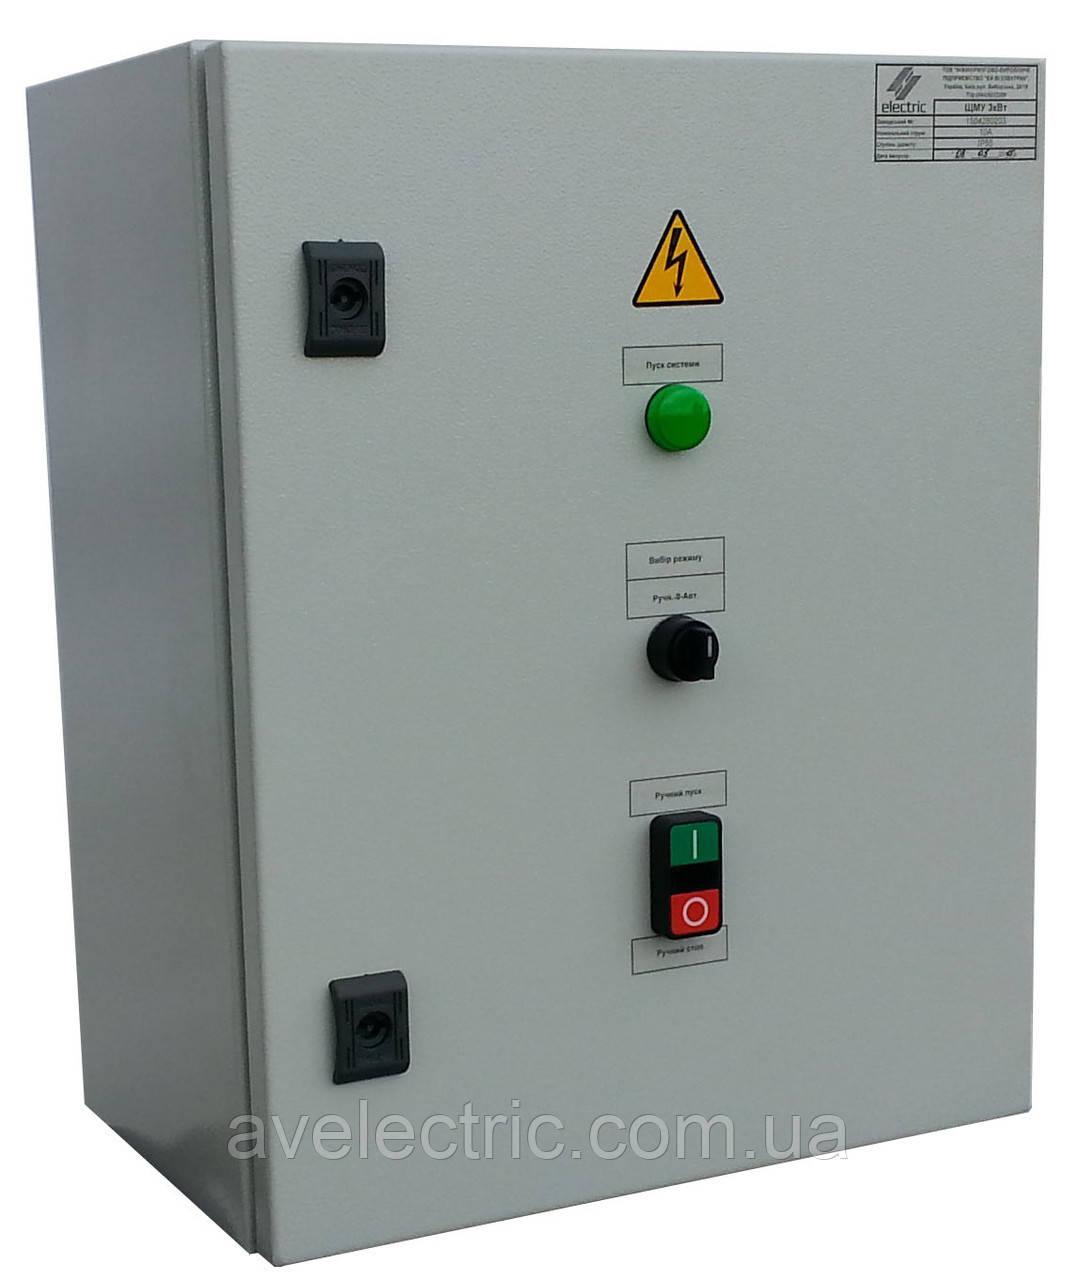 Ящик управления электродвигателем Я5410-3574-54У3